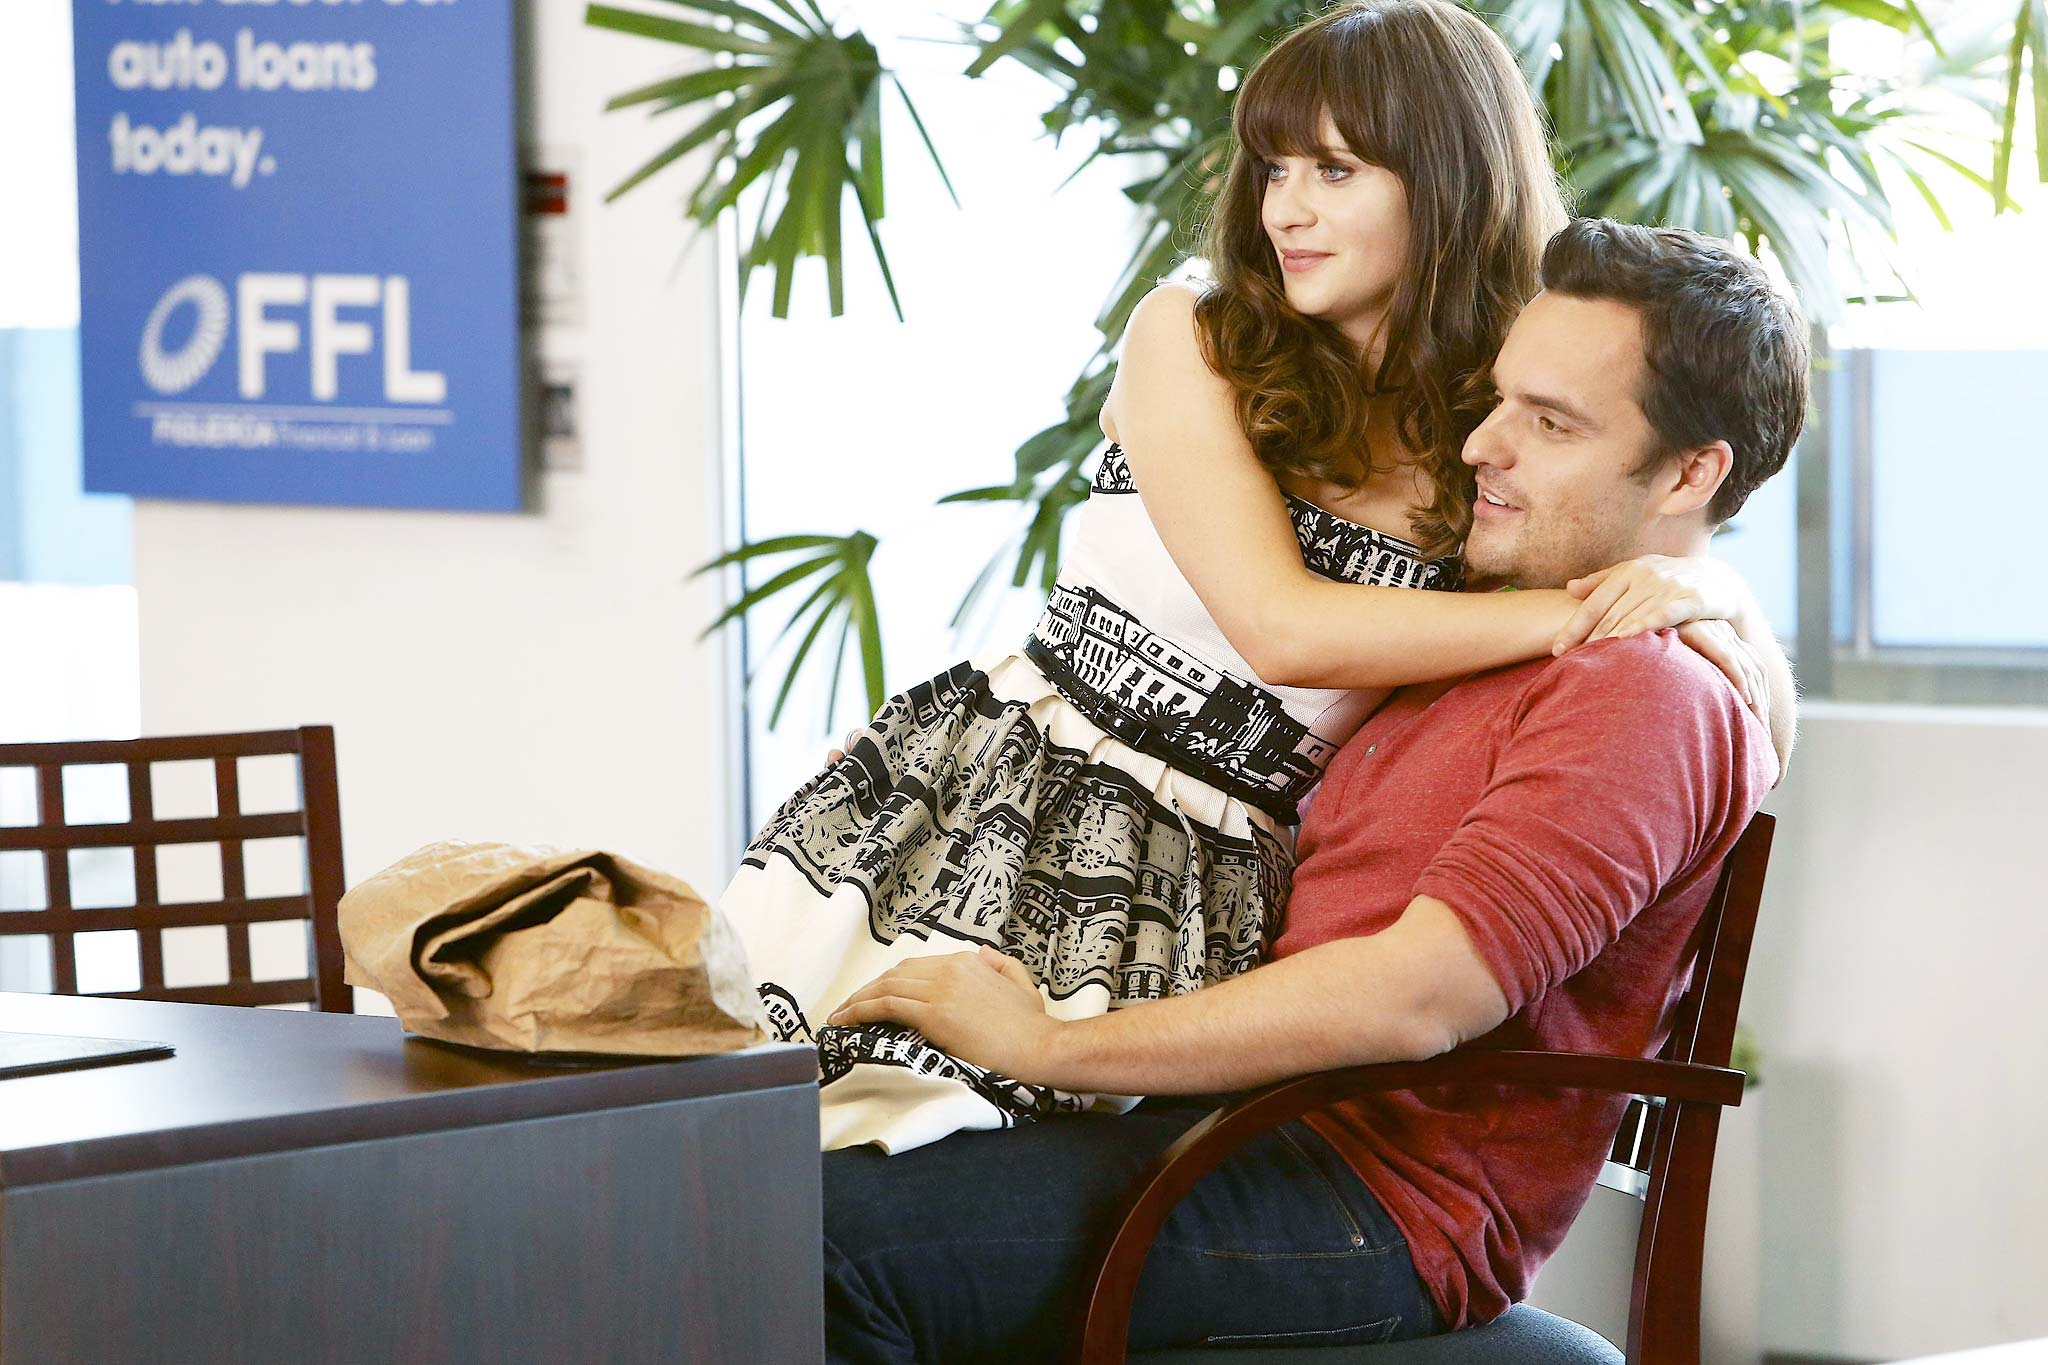 couples-new-girl1.jpg